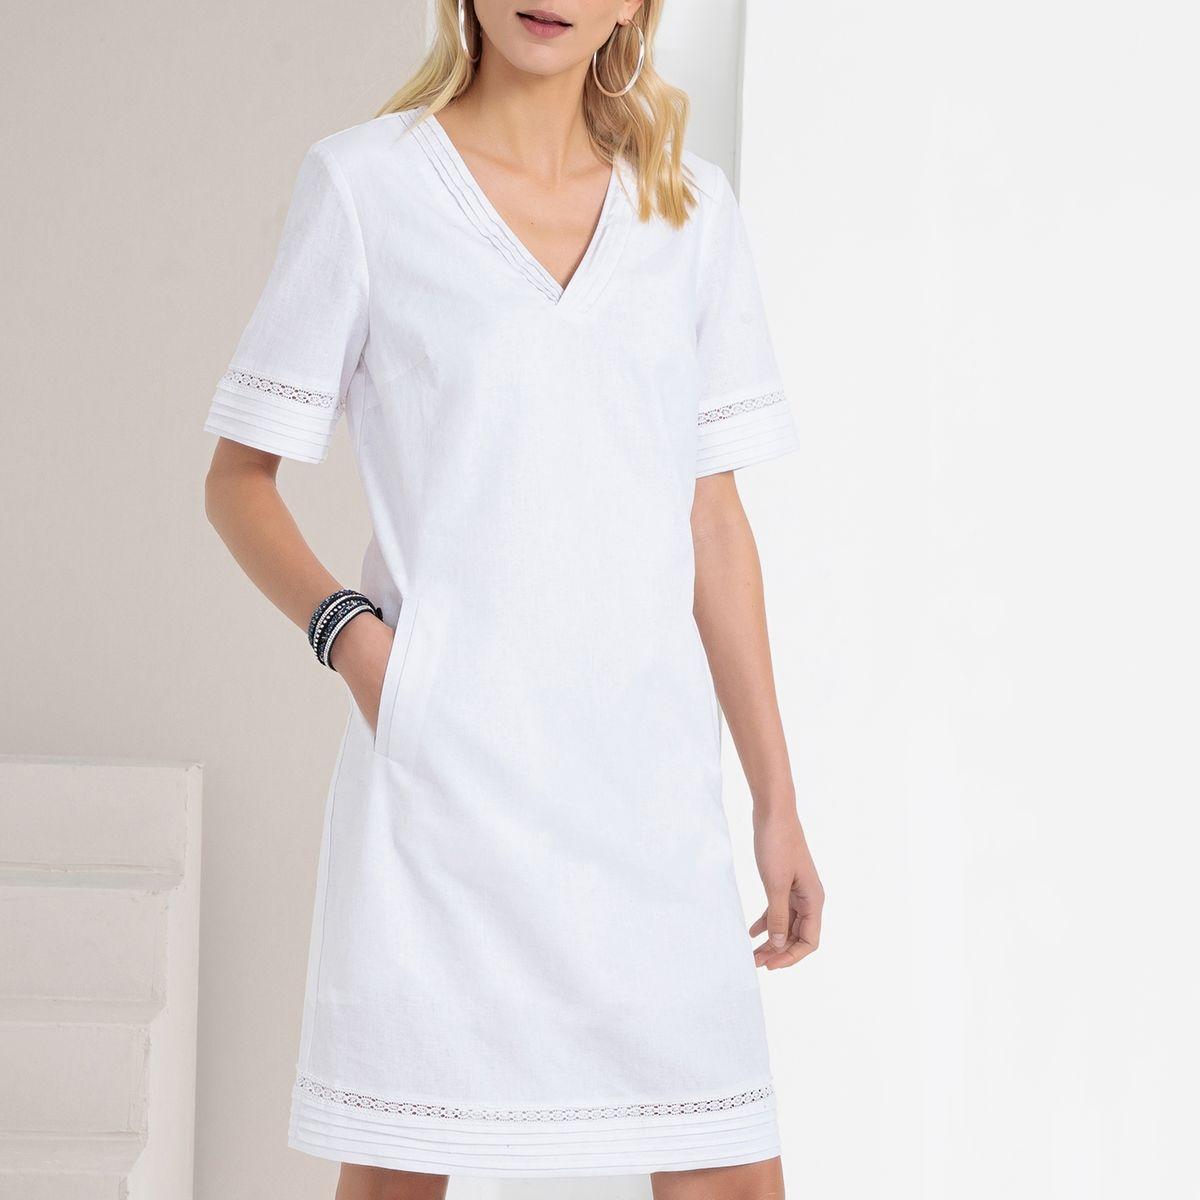 Robe droite, coton & lin, manches courtes